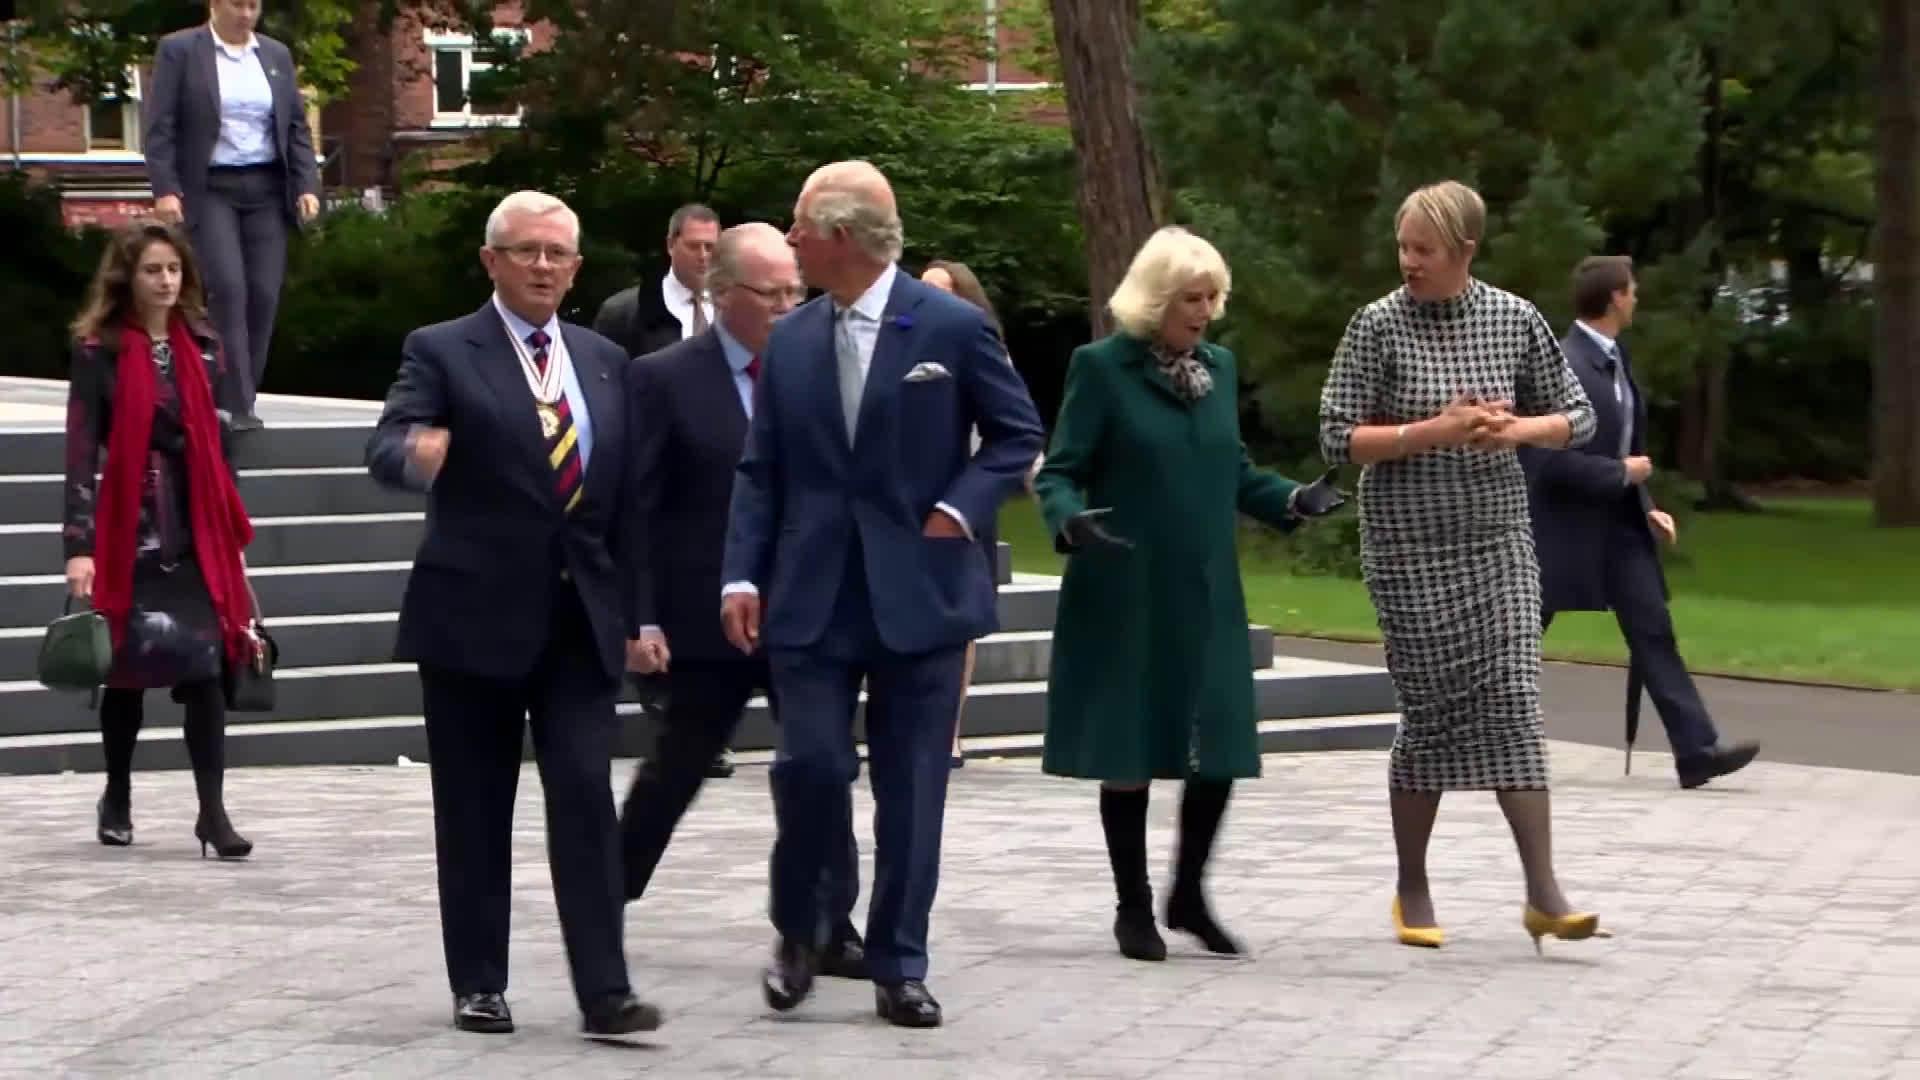 威尔士亲王和康沃尔公爵夫人参观Ulster